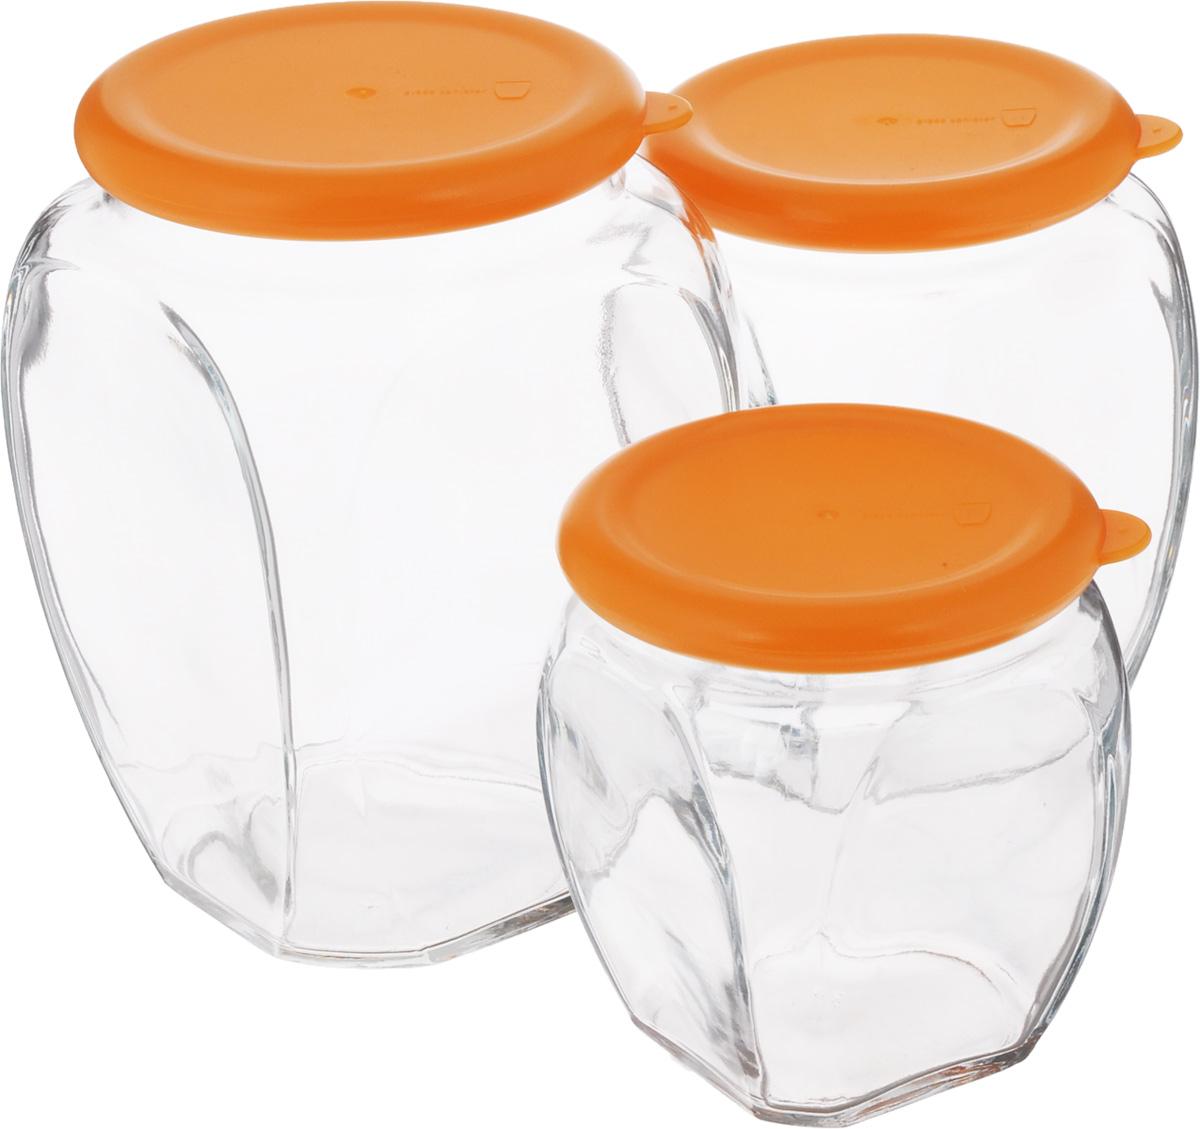 Набор контейнеров для сыпучих продуктов Glasslock, 3 шт. IG-674SC-FD421004Набор Glasslock состоит из трех контейнеров для сыпучих продуктов. Изделия выполнены из экологически чистого закаленного ударопрочного стекла и оснащены пластиковыми крышками. Контейнеры удобно ставятся друг на друга для экономии места на кухне. Изделия плотно и герметично закрываются крышками, что позволяет продуктам дольше оставаться свежими, сохранять аромат и вкус. Благодаря прозрачным стенкам, можно видеть содержимое. Размер подходит для хранения в дверце холодильника. Такие контейнеры идеально подходят для хранения различных сыпучих продуктов: орехов, печенья, круп, хлопьев, варенья и т.д. Можно мыть в посудомоечной машине. Подходят для хранения пищи в морозильнике и холодильнике. Не использовать в микроволновой печи и духовке.Комплектация: 3 шт. Объем контейнеров: 350 мл; 500 мл; 815 мл. Диаметр контейнеров (по верхнему краю): 7,5 см; 7,5 см; 8,5 см. Высота контейнеров (с учетом крышки): 9,5 см; 12 см; 14,5 см.